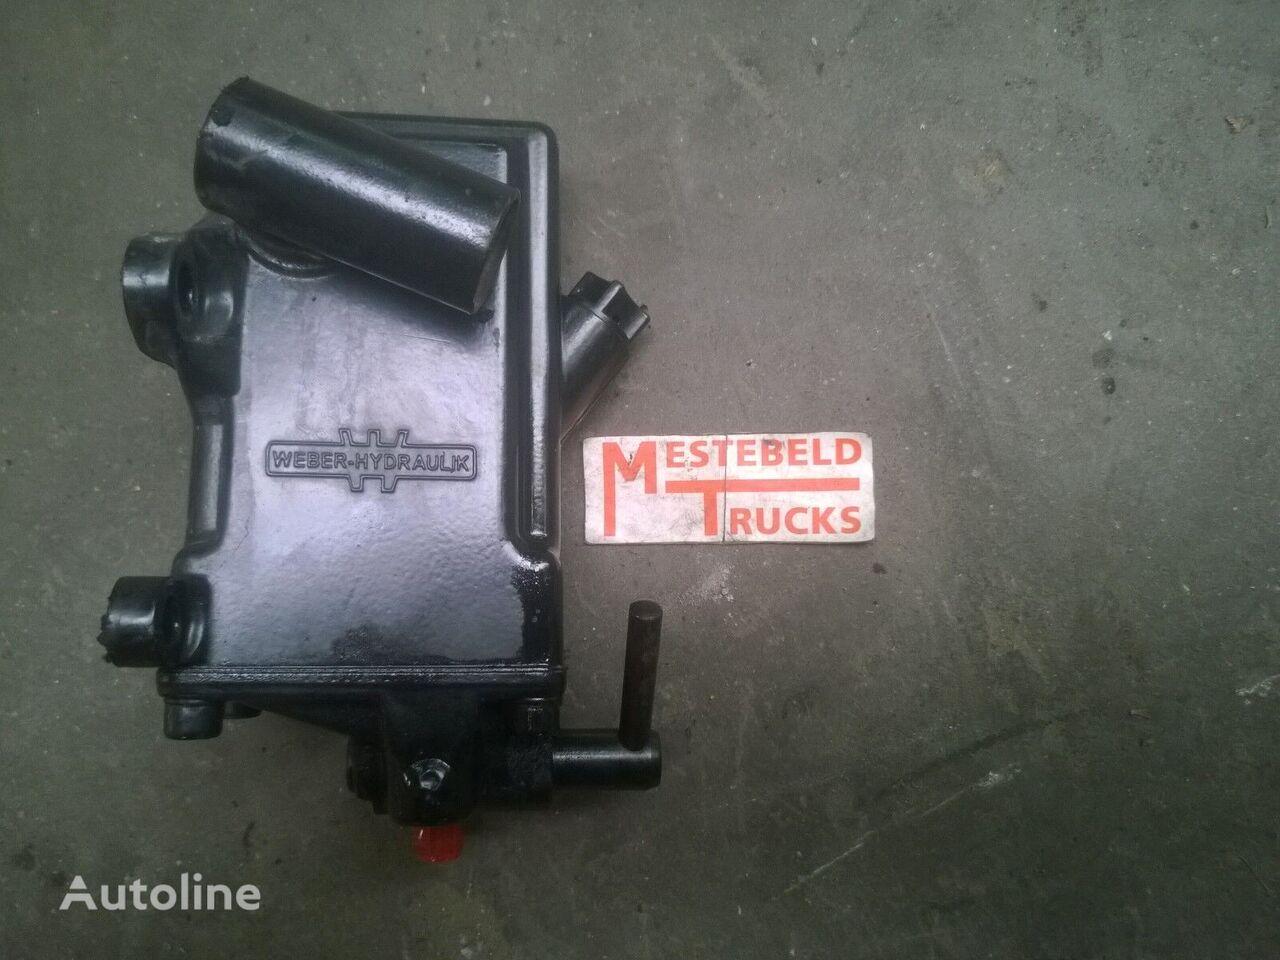 Cabine kantelcilinder RENAULT spare parts for RENAULT Cabine kantelcilinder Midlum tractor unit